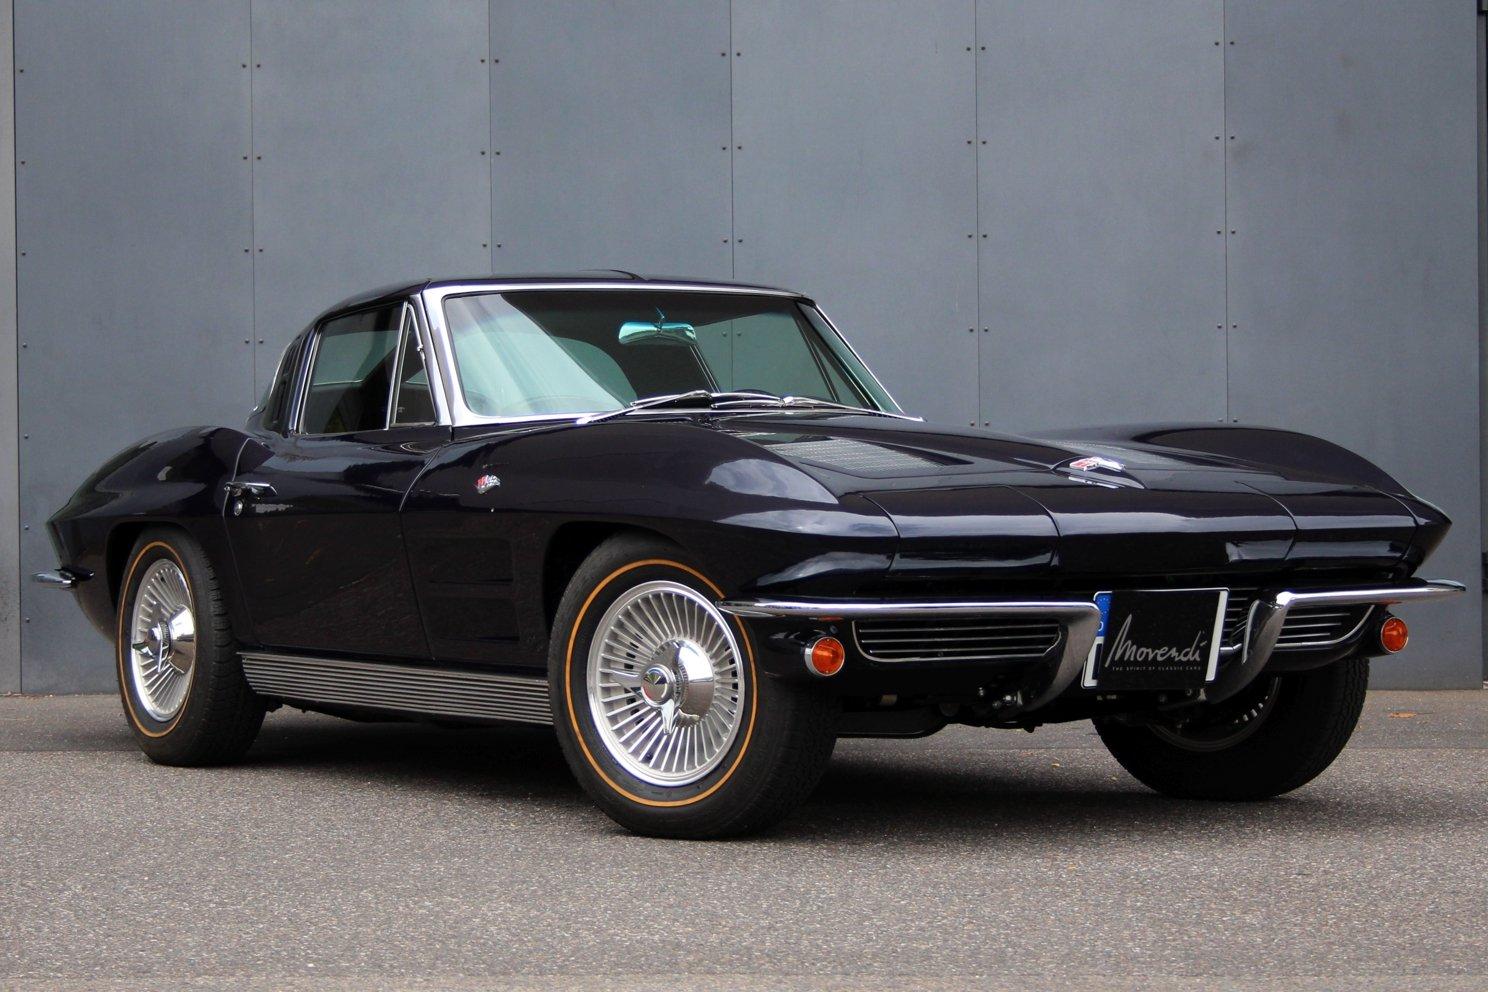 Kekurangan Corvette C2 Top Model Tahun Ini